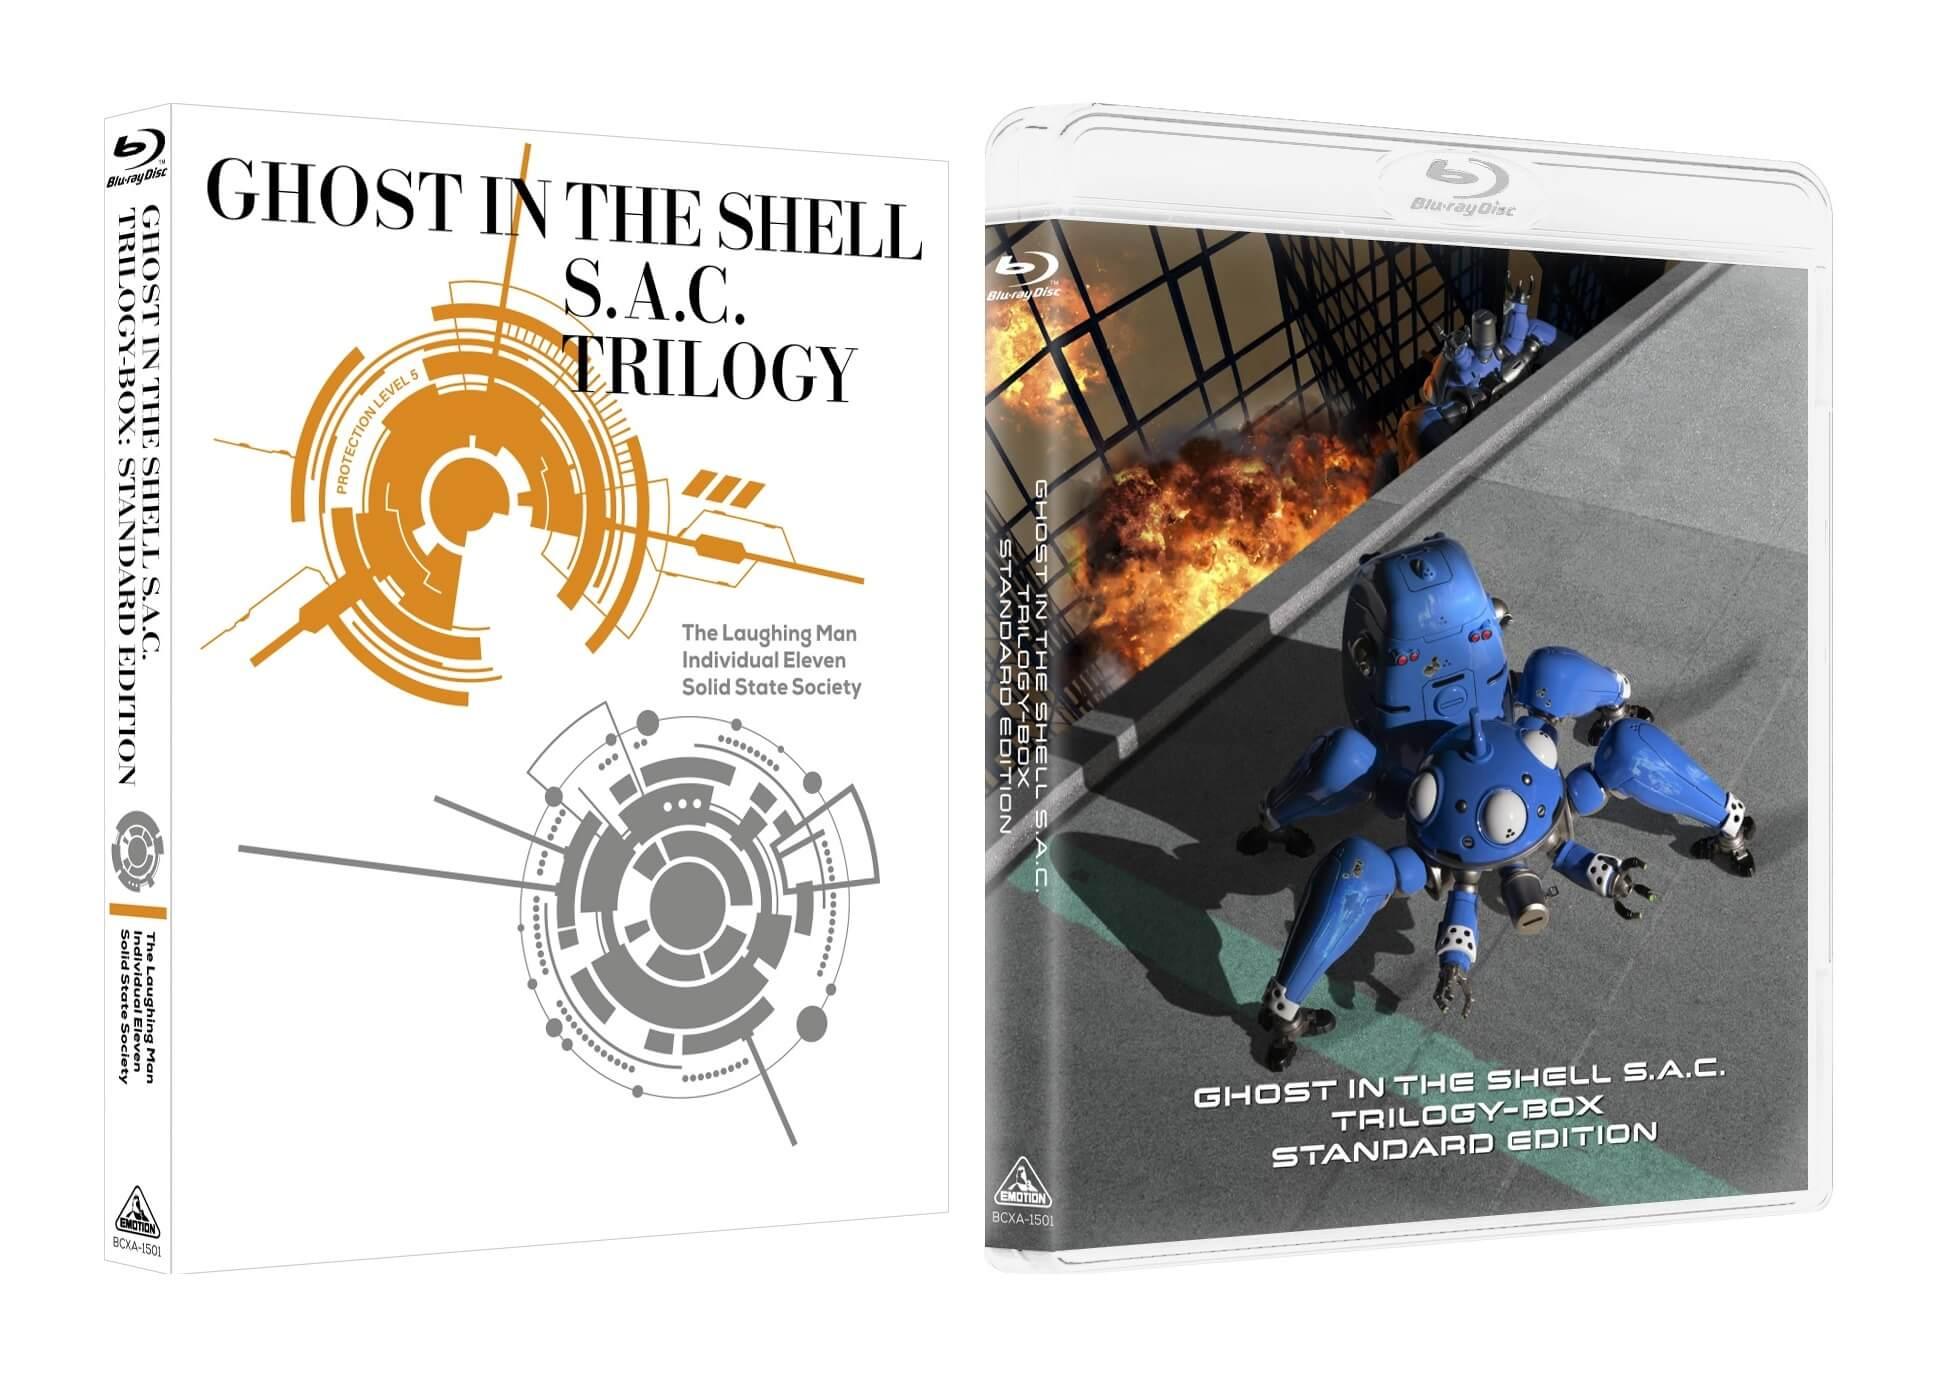 攻殻機動隊S.A.C. TRILOGY-BOX:STANDERD EDITION ジャケットデザイン公開